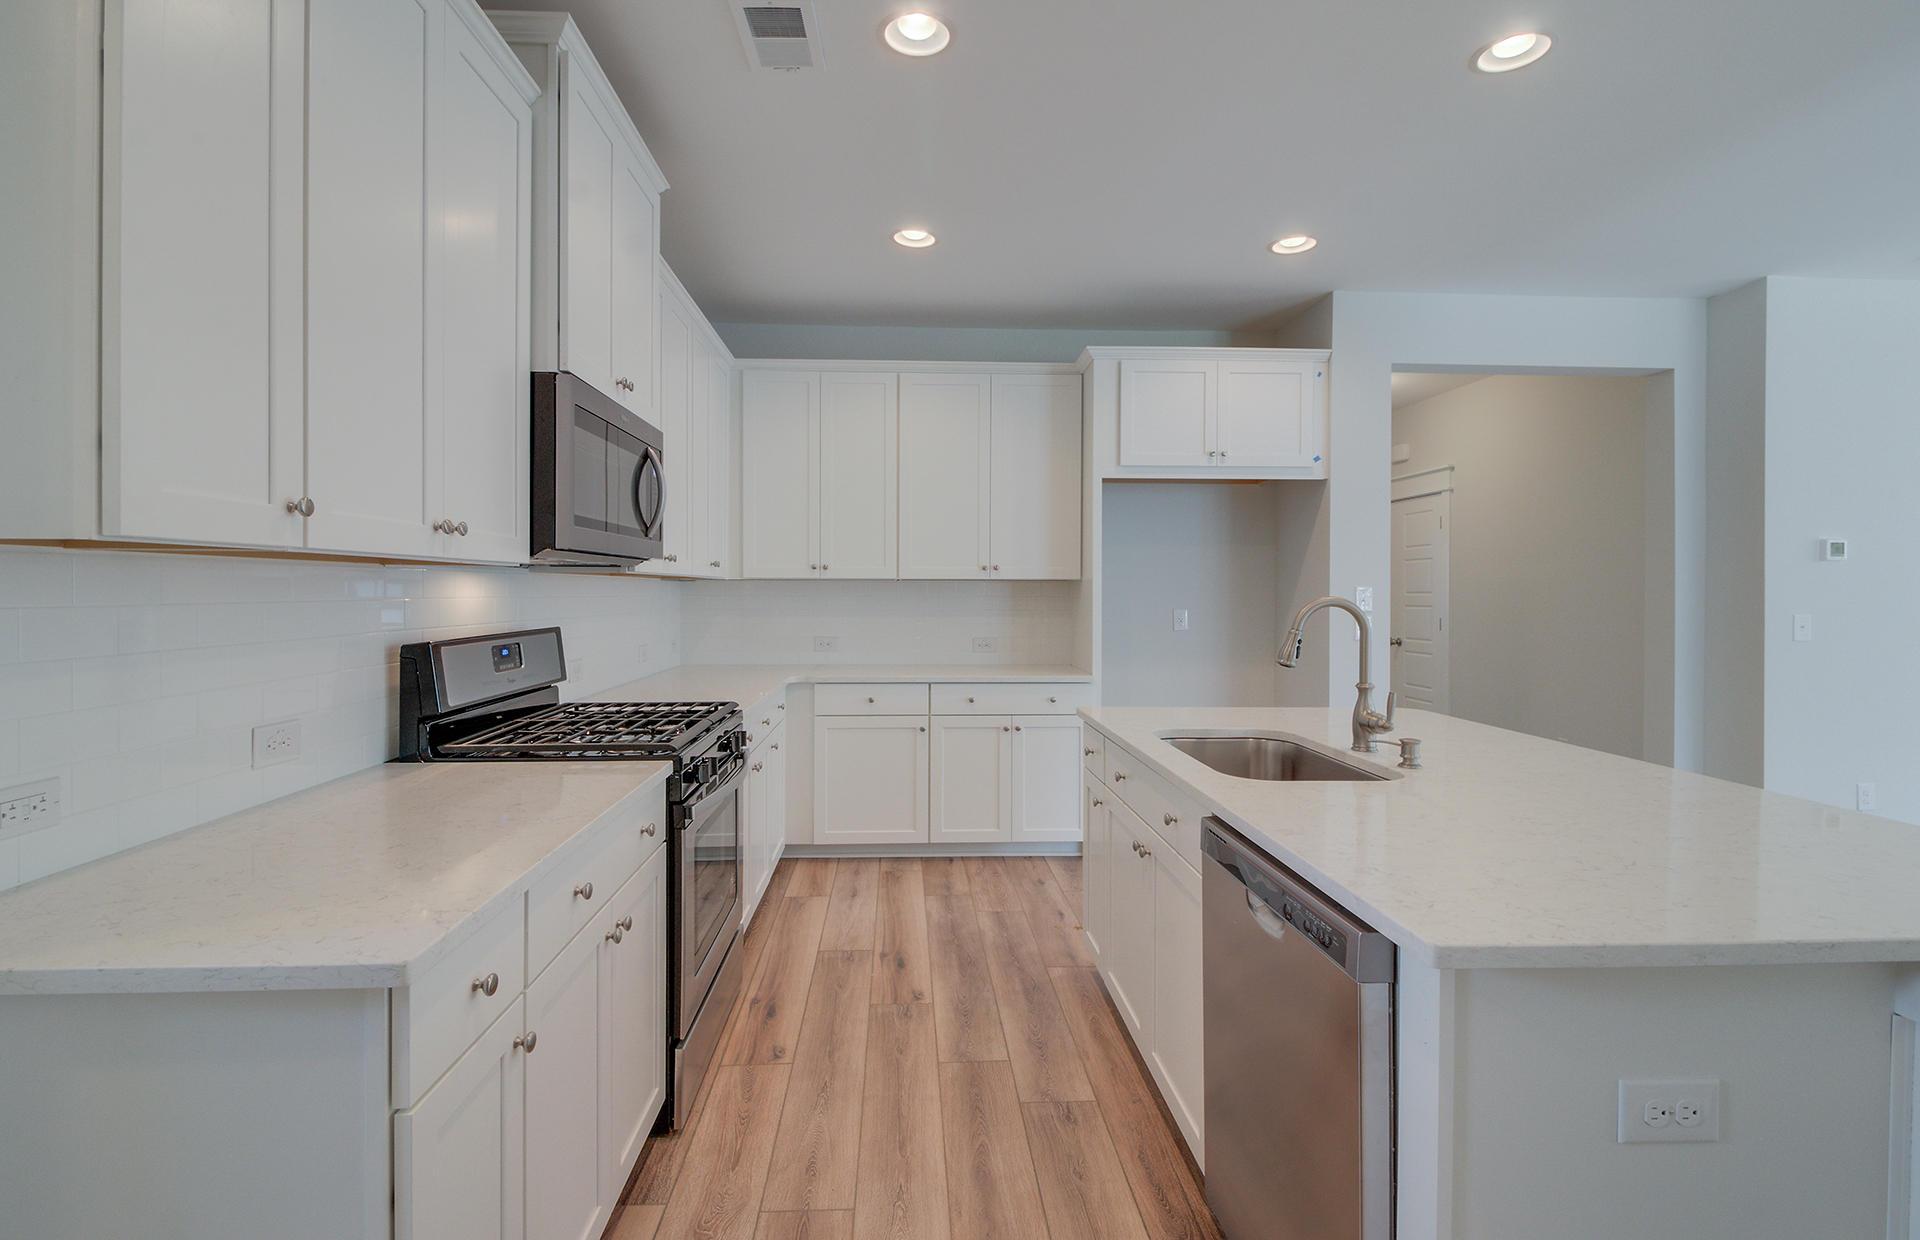 Park West Homes For Sale - 3032 Caspian, Mount Pleasant, SC - 30